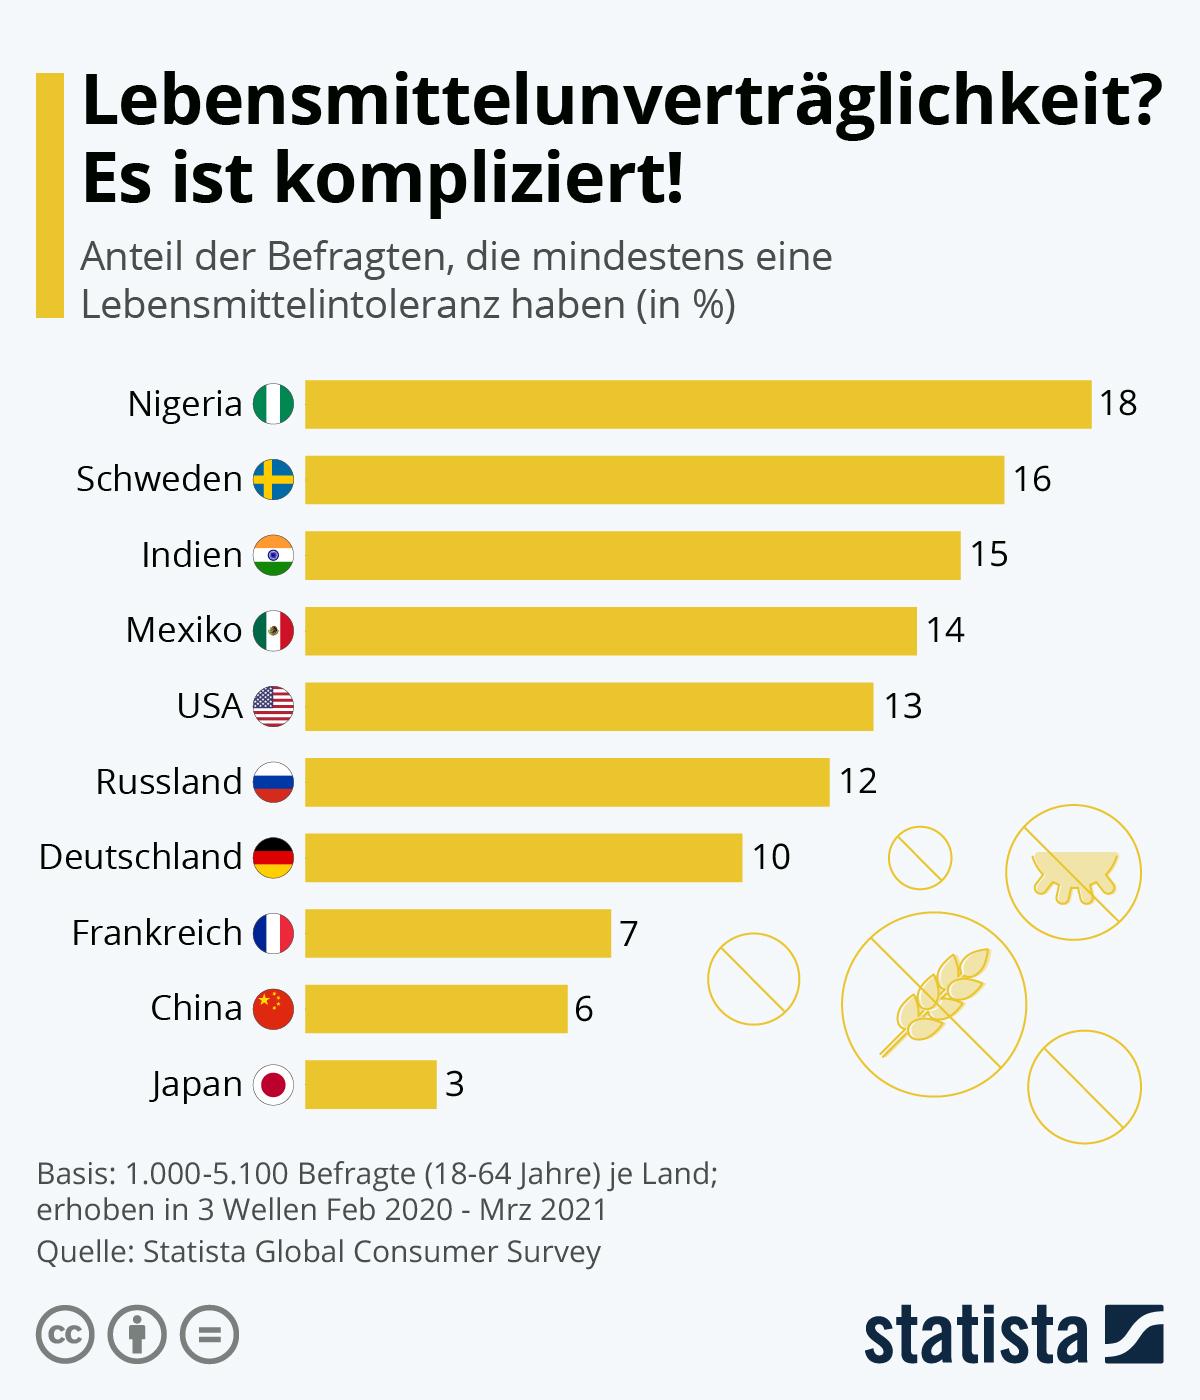 Infografik: Lebensmittelunverträglichkeit? Es ist kompliziert! | Statista